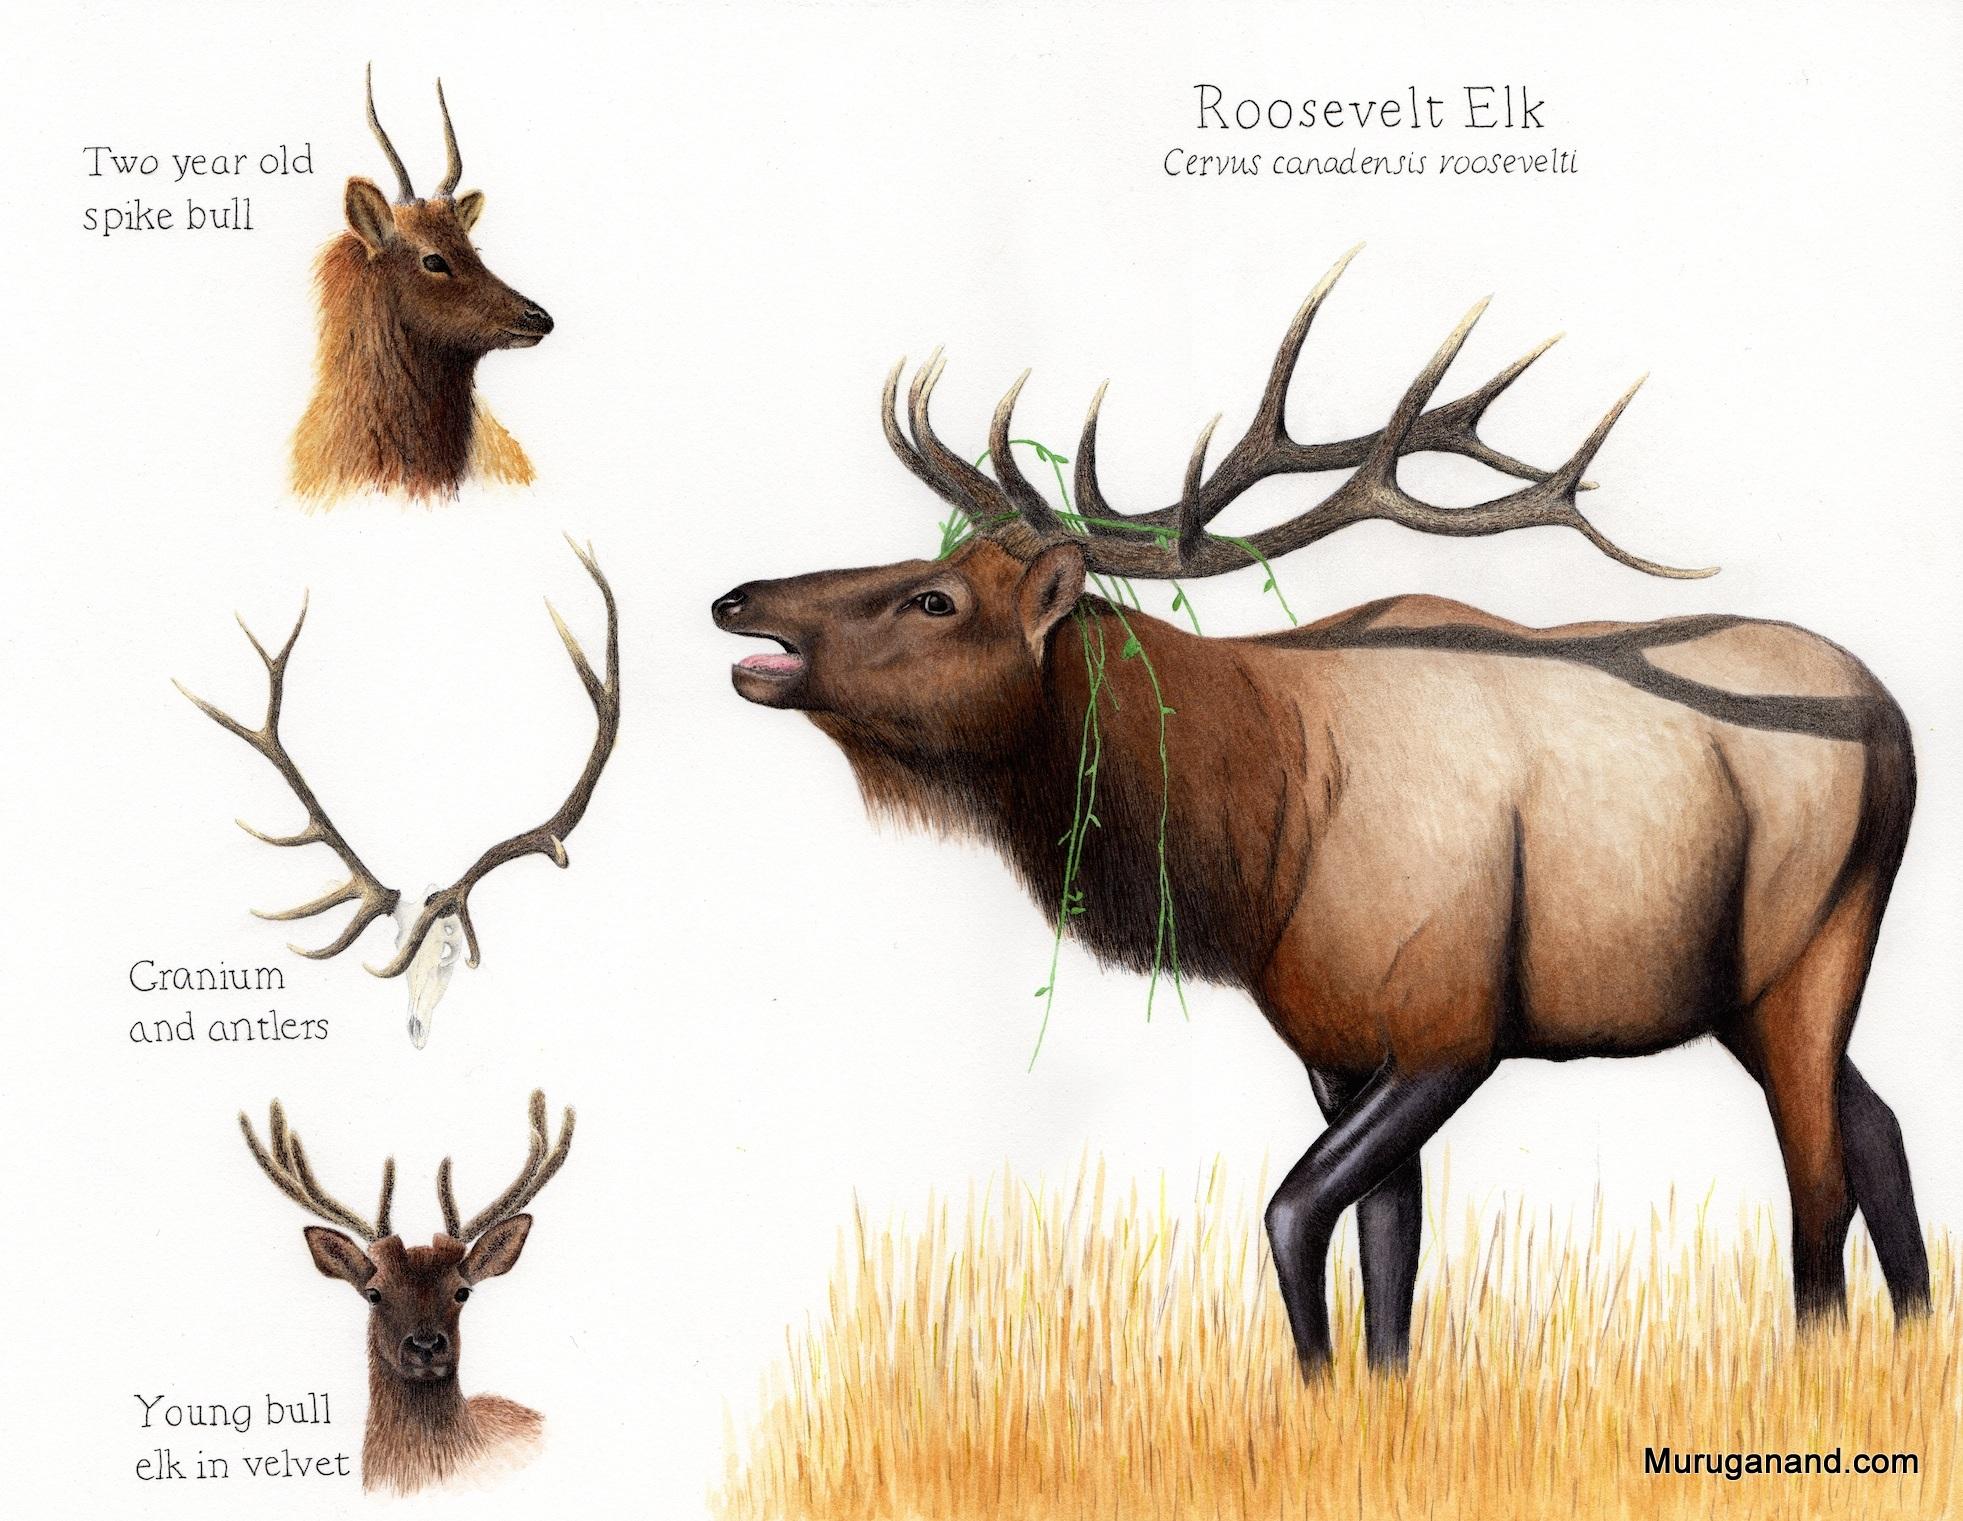 Roosevelt-elk-antlers-72-dpi